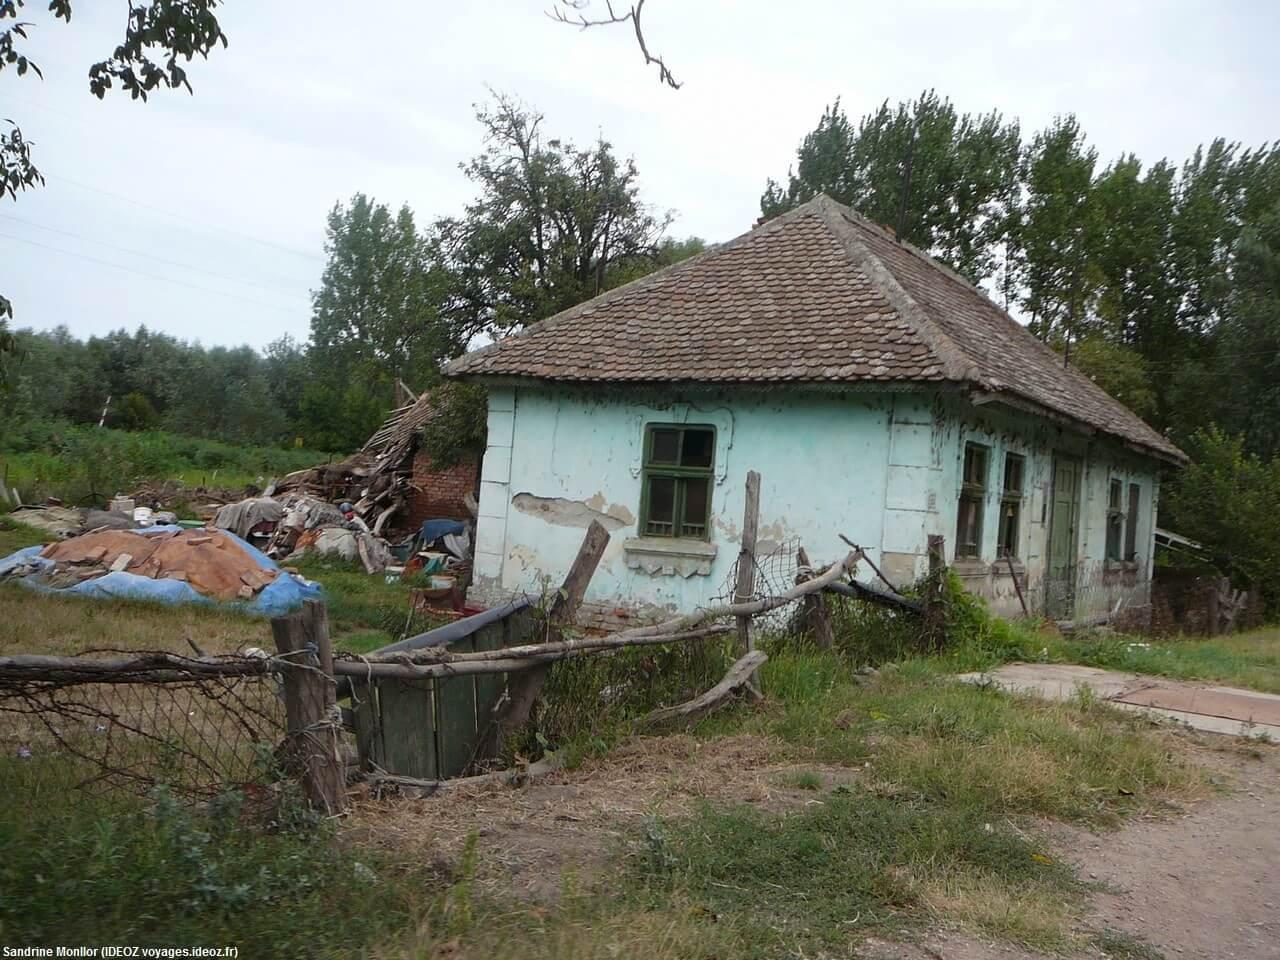 maison de tsiganes serbes près de Grocka sur la route de Rajinovac en Serbie centrale